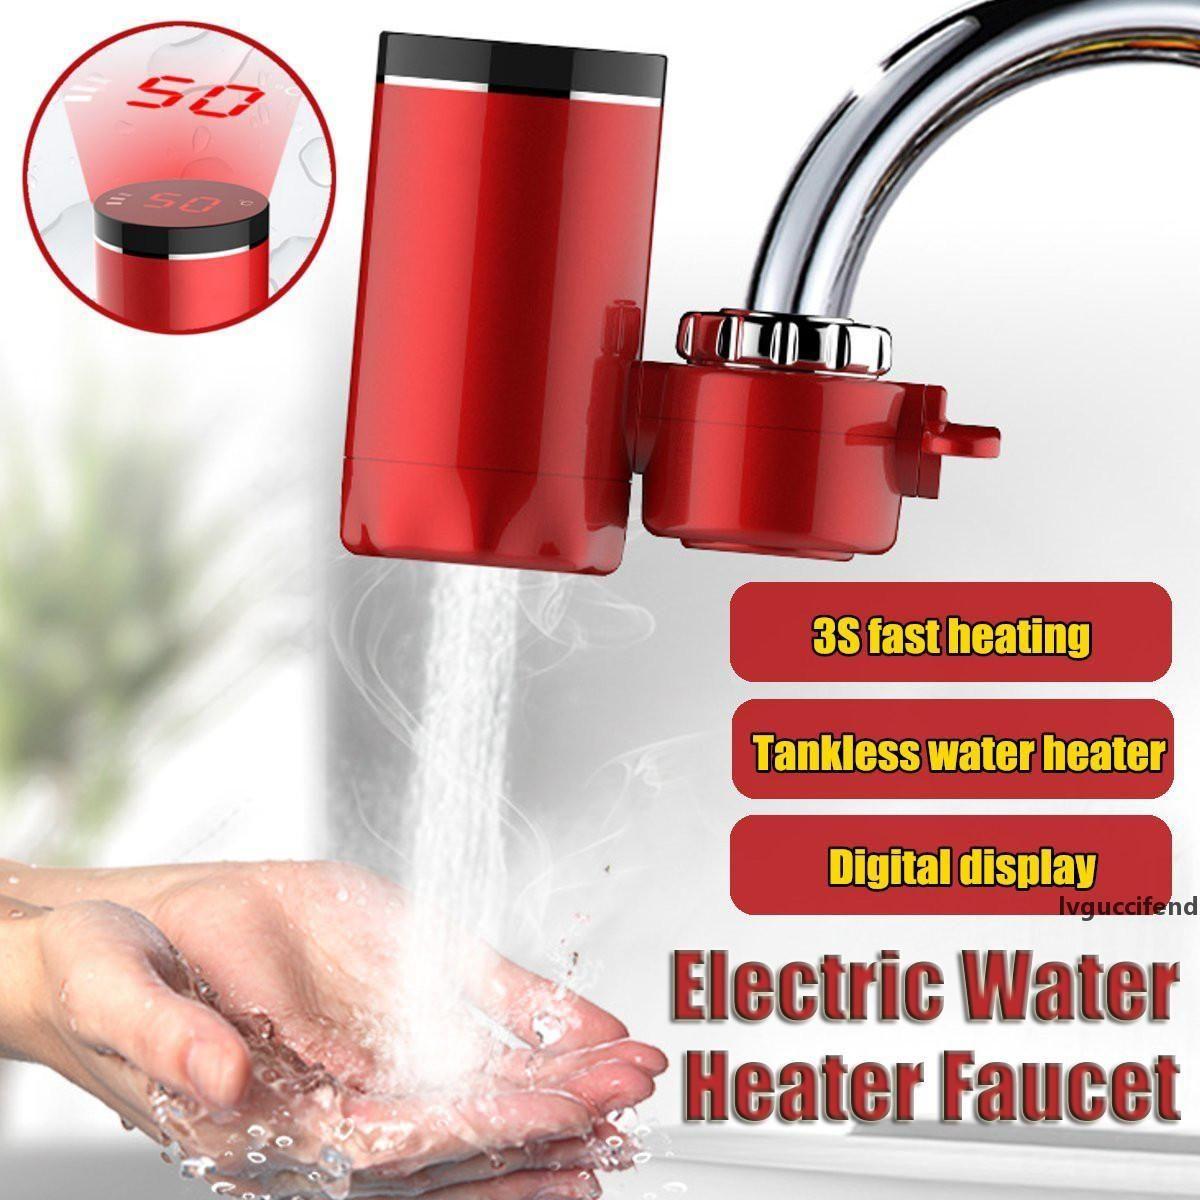 Mutfak Musluk Anında Sıcak Su 3000W Dijital LCD Ekran Elektrik Musluk Şofben Elektrikli Tankless Hızlı Isıtma Su dokunun T200423